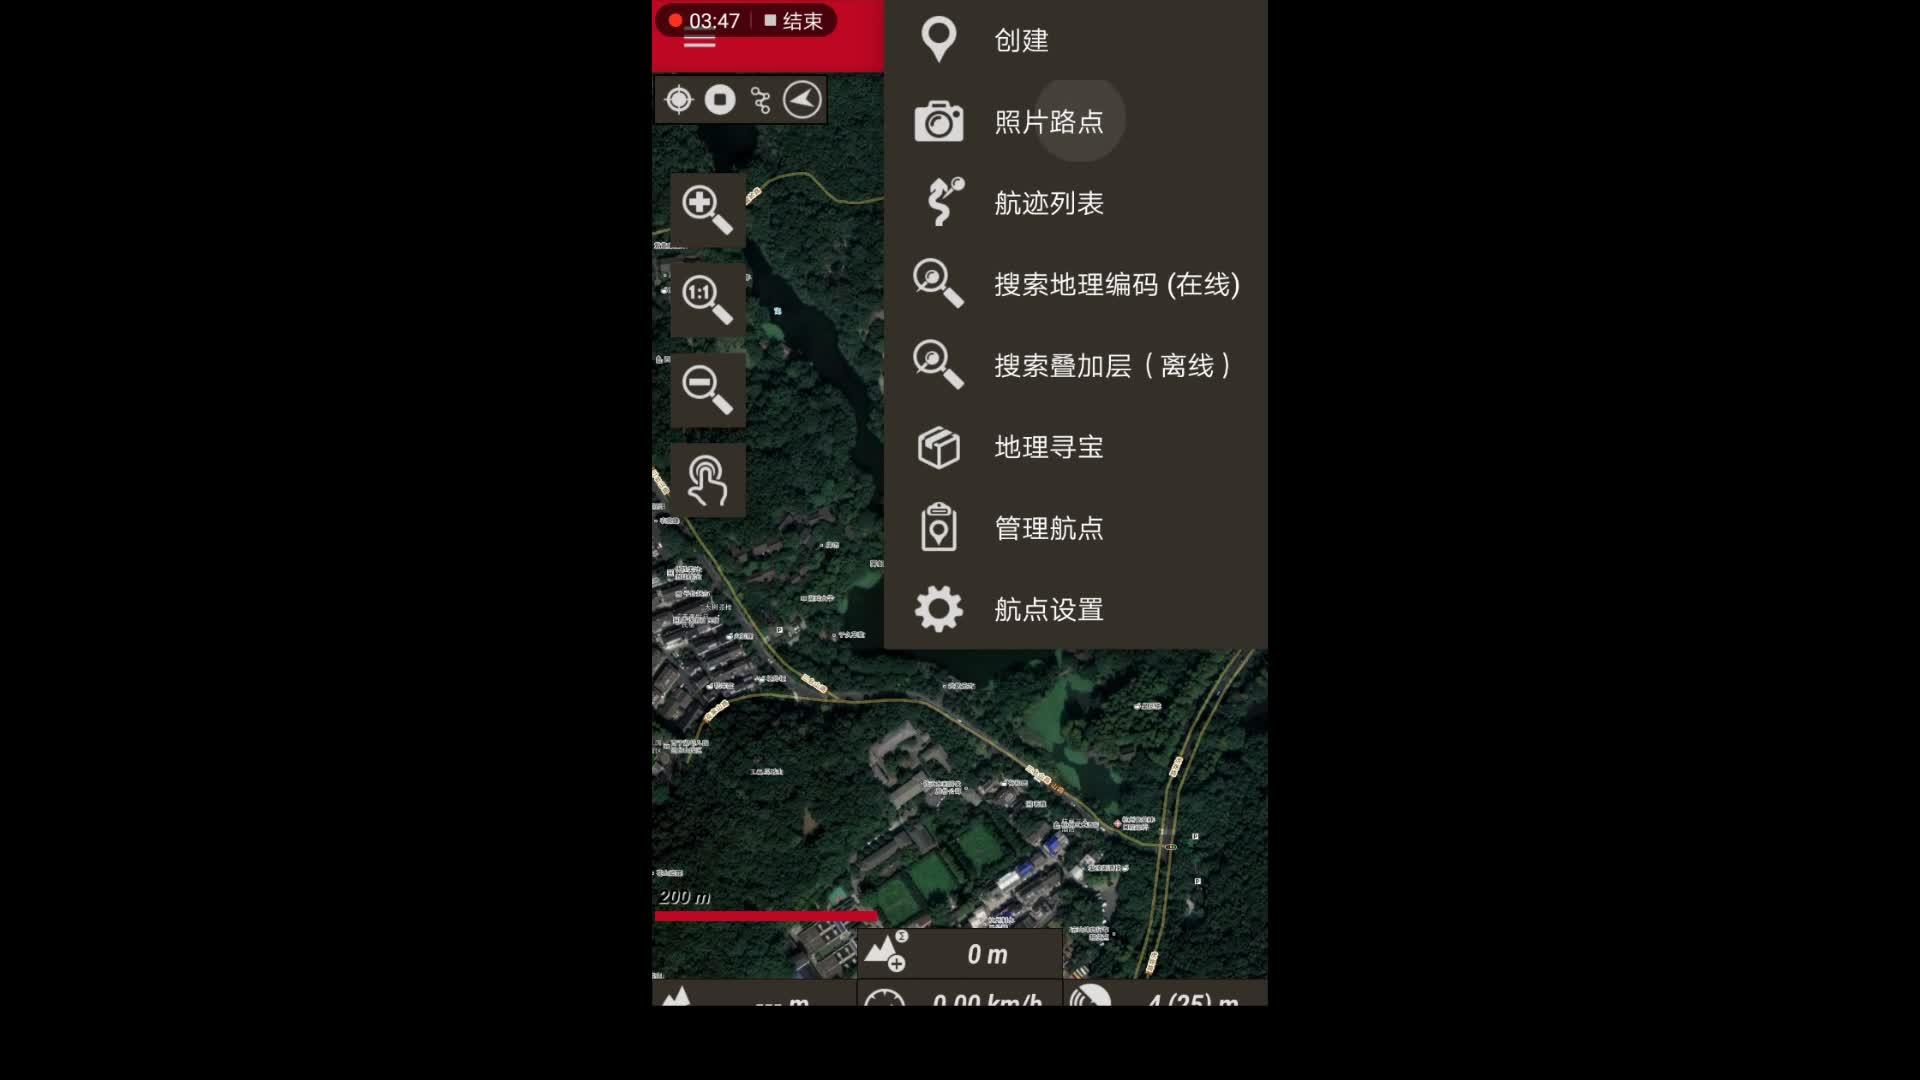 《玩转谷歌地球--Google Earth地理教学应用培训教程》简介 邀名师团队精心制作,玩转谷歌地球,快人一步! 学科网考试研究中心,精品出自我手,放心拥有!  [来自e网通客户端]